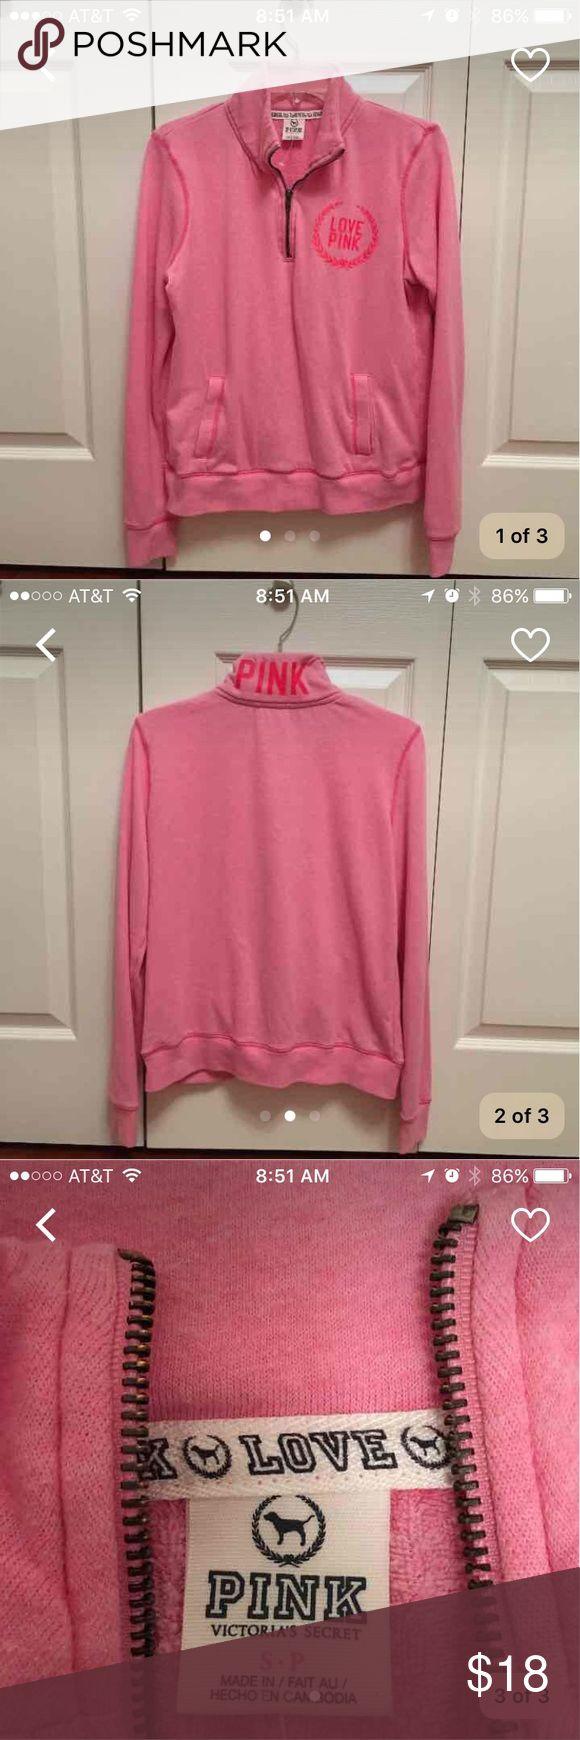 Pink zip up sweatshirt Light pink with bright pink lettering PINK Victoria's Secret Tops Sweatshirts & Hoodies